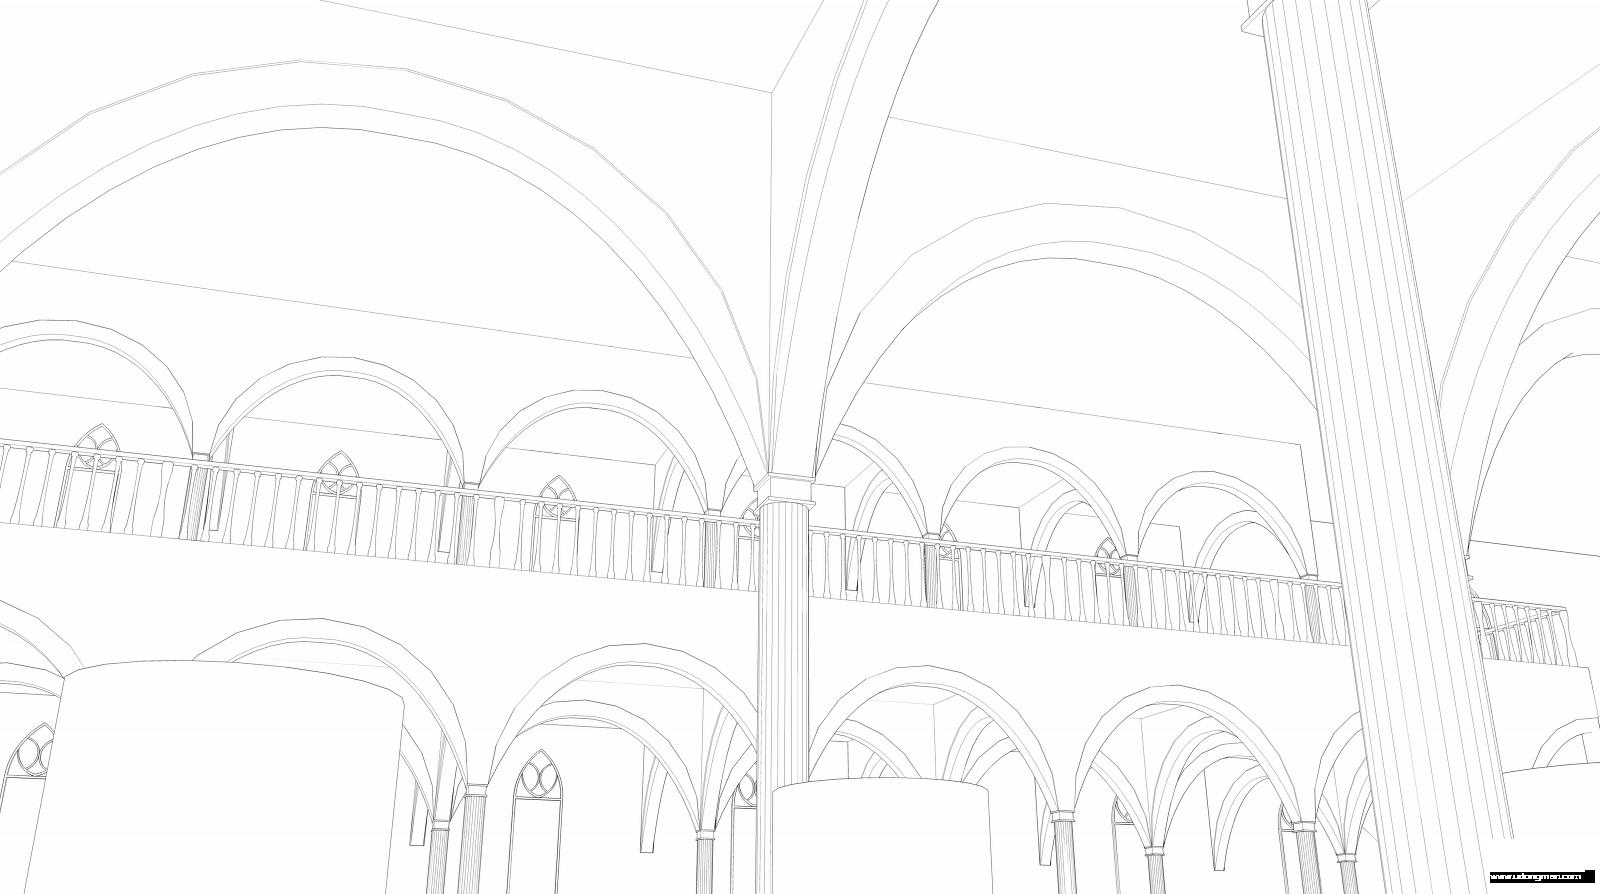 皇宫椅子手绘线稿